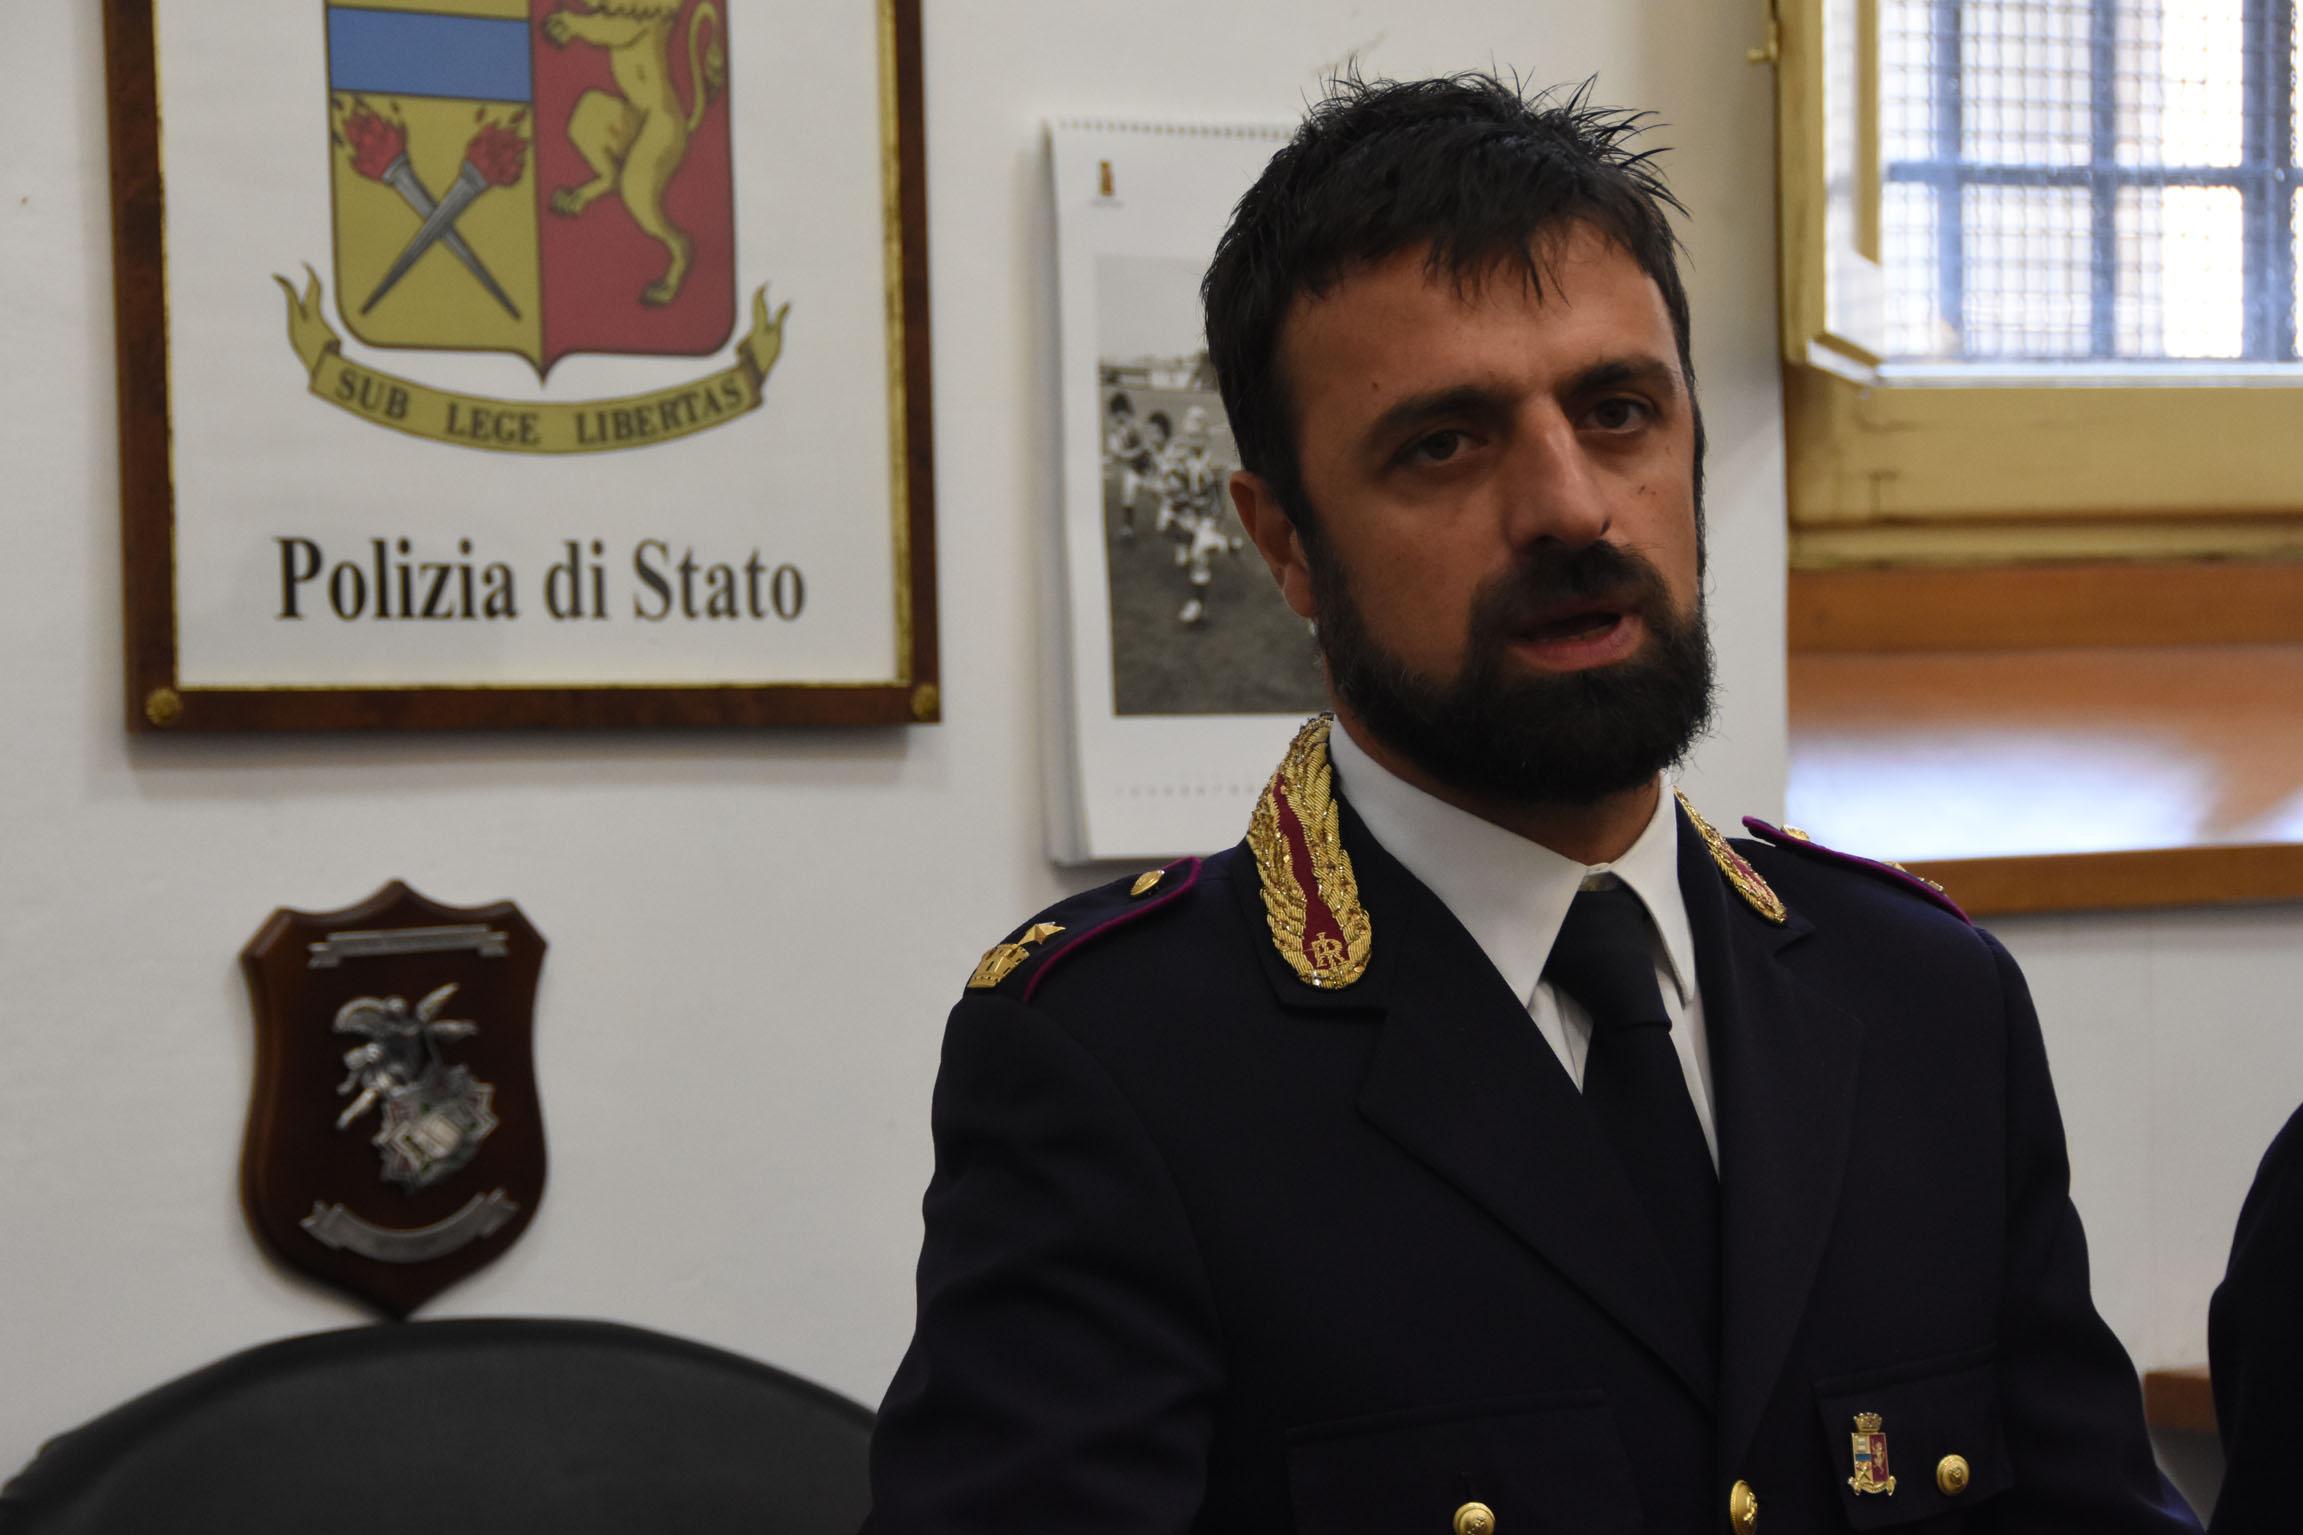 Violenza sessuale su minore disabile a Capadanno a Forlì, arrestato